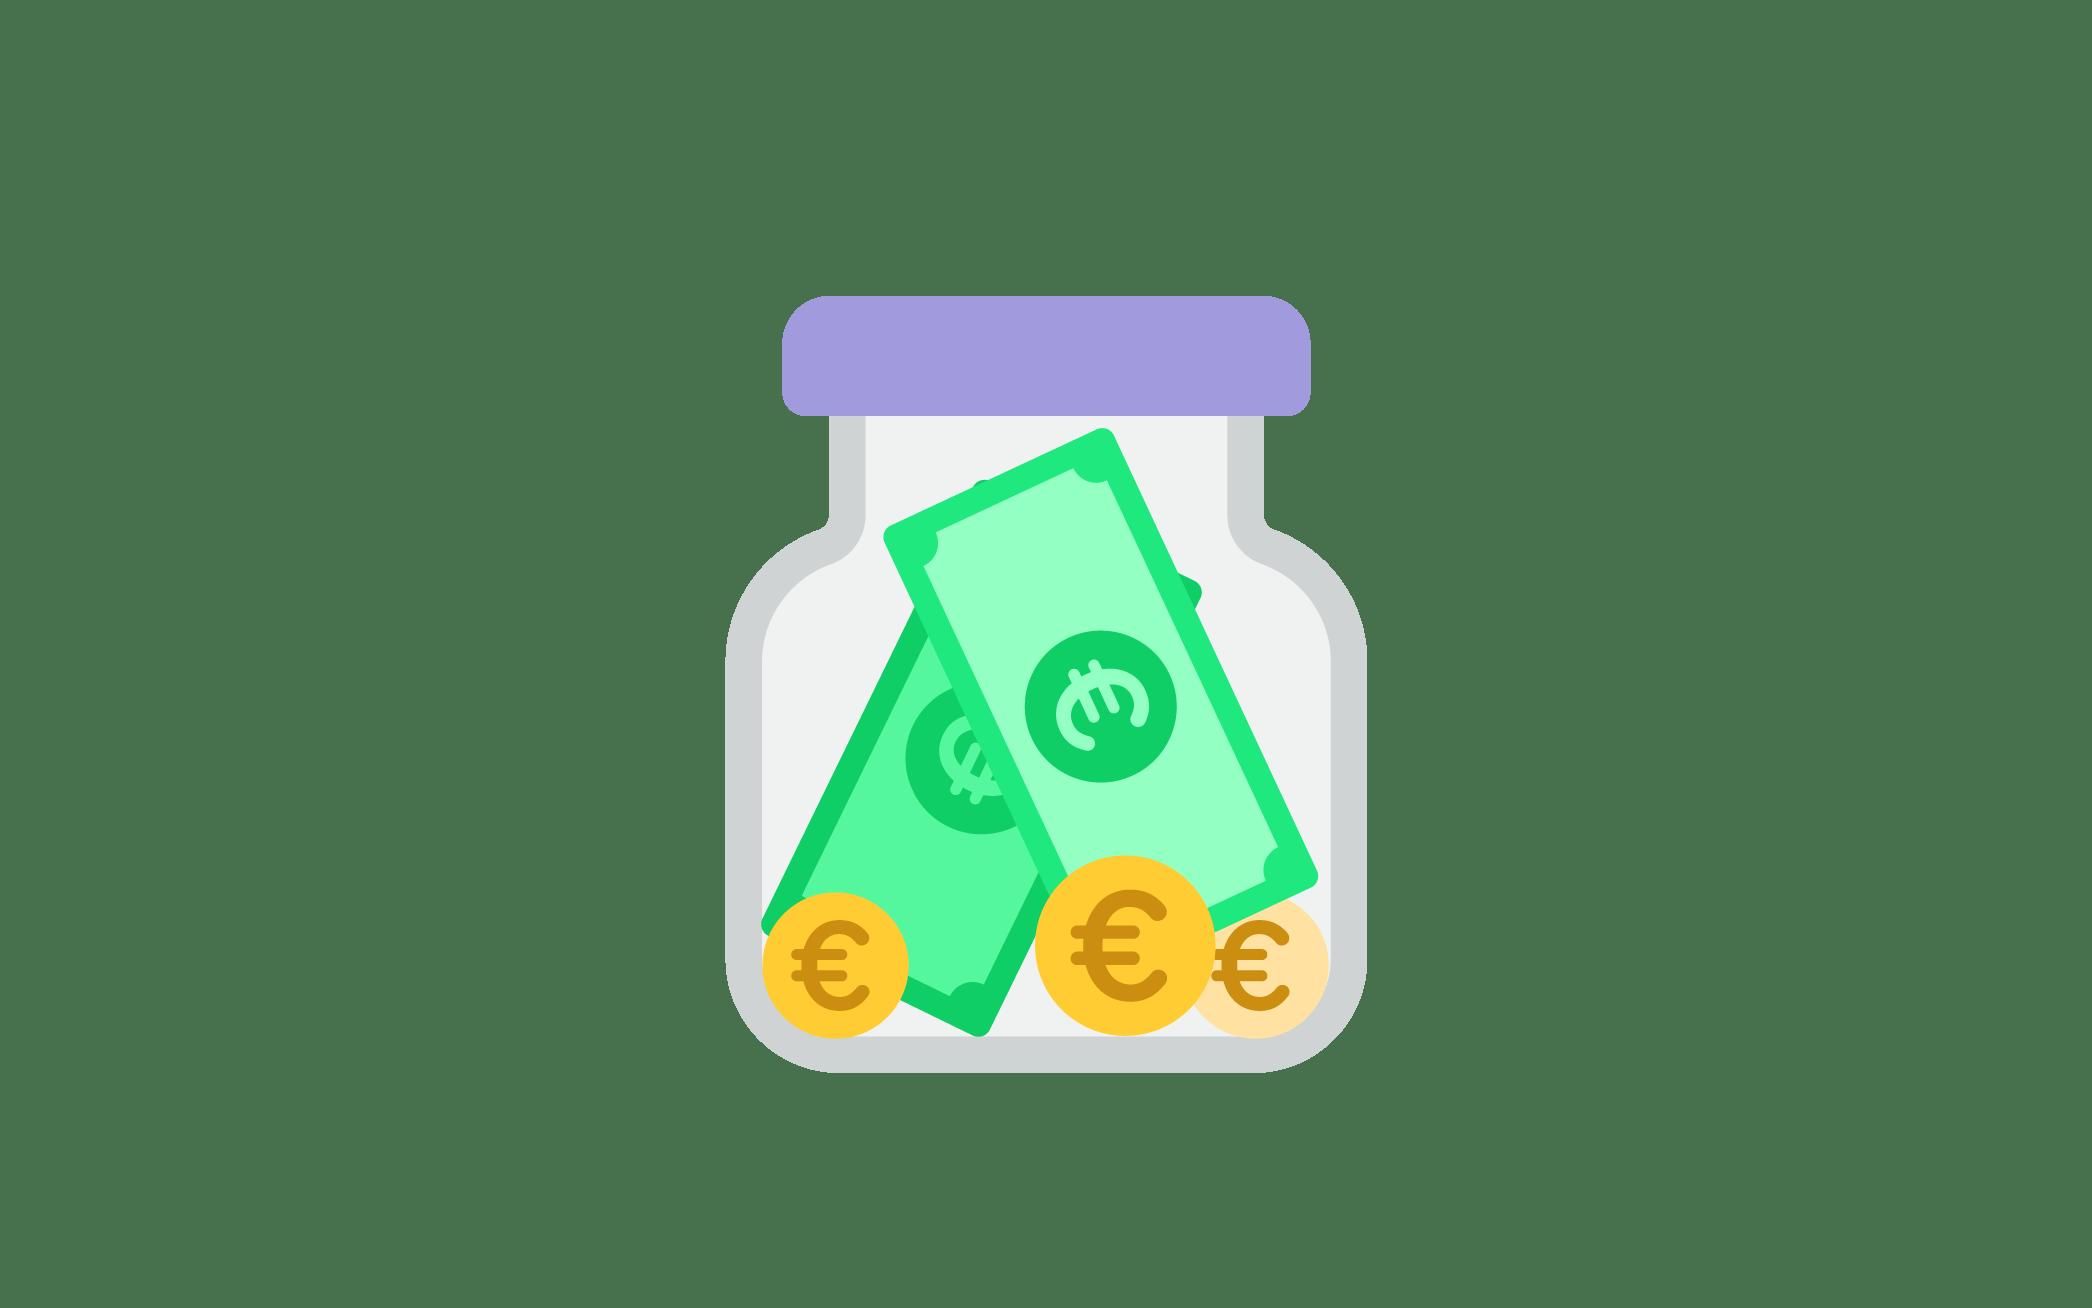 Geschäftskonto für Merch by Amazon